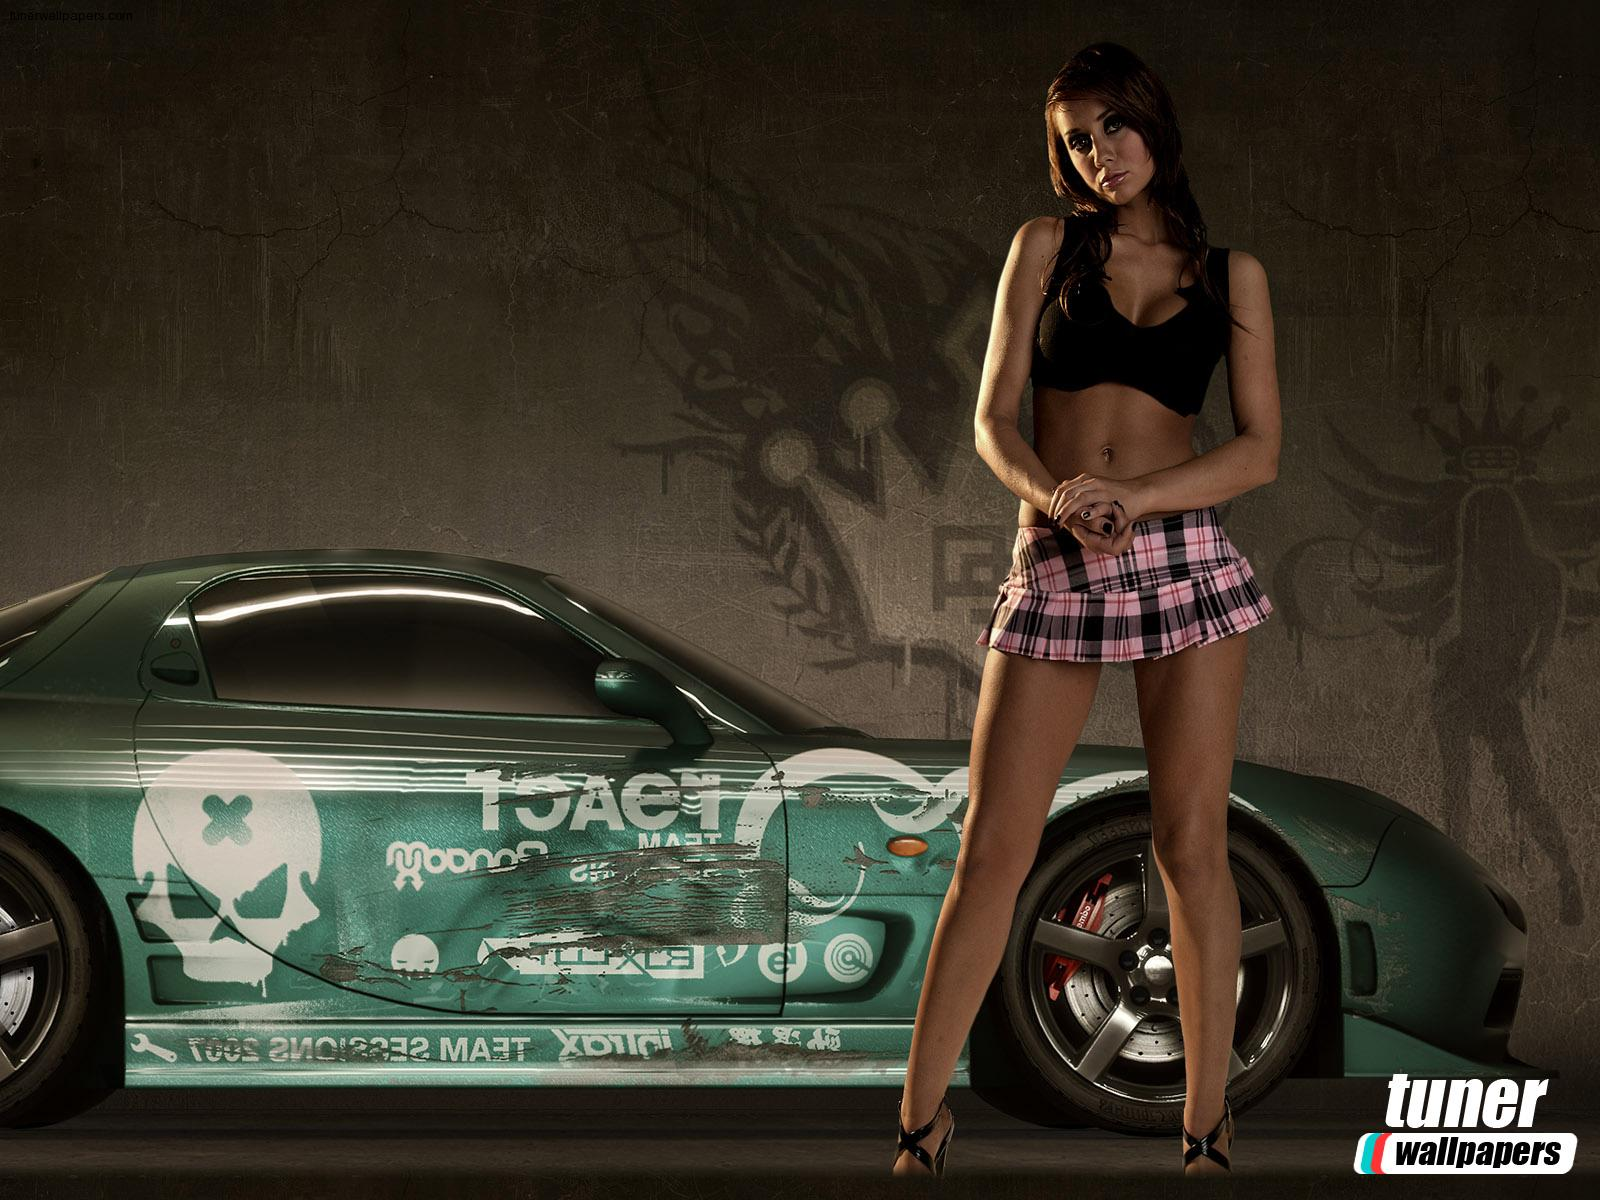 http://3.bp.blogspot.com/-uDlHiTLP3wc/TdpeMEgGj5I/AAAAAAAAAHY/duebp2zAJ8c/s1600/NFS-Pro-Street-RX7-1.jpeg